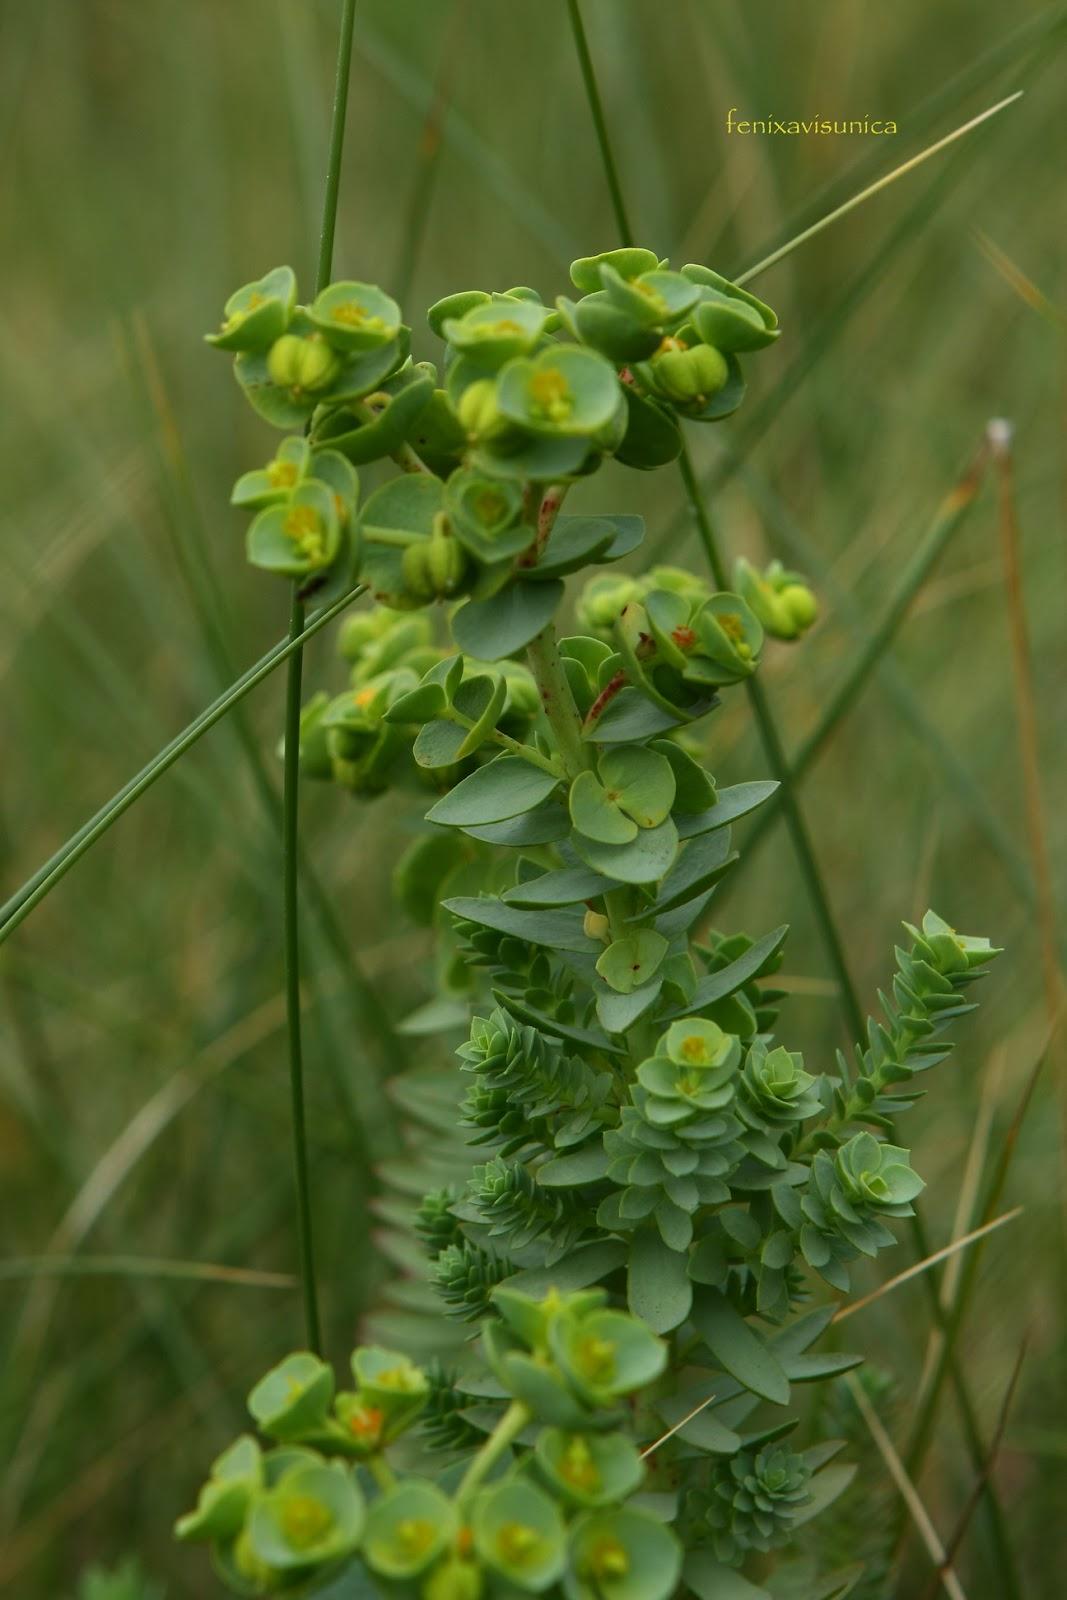 fenixavisunica .: Alrededor de Frexulfe ( II ): Las plantitas